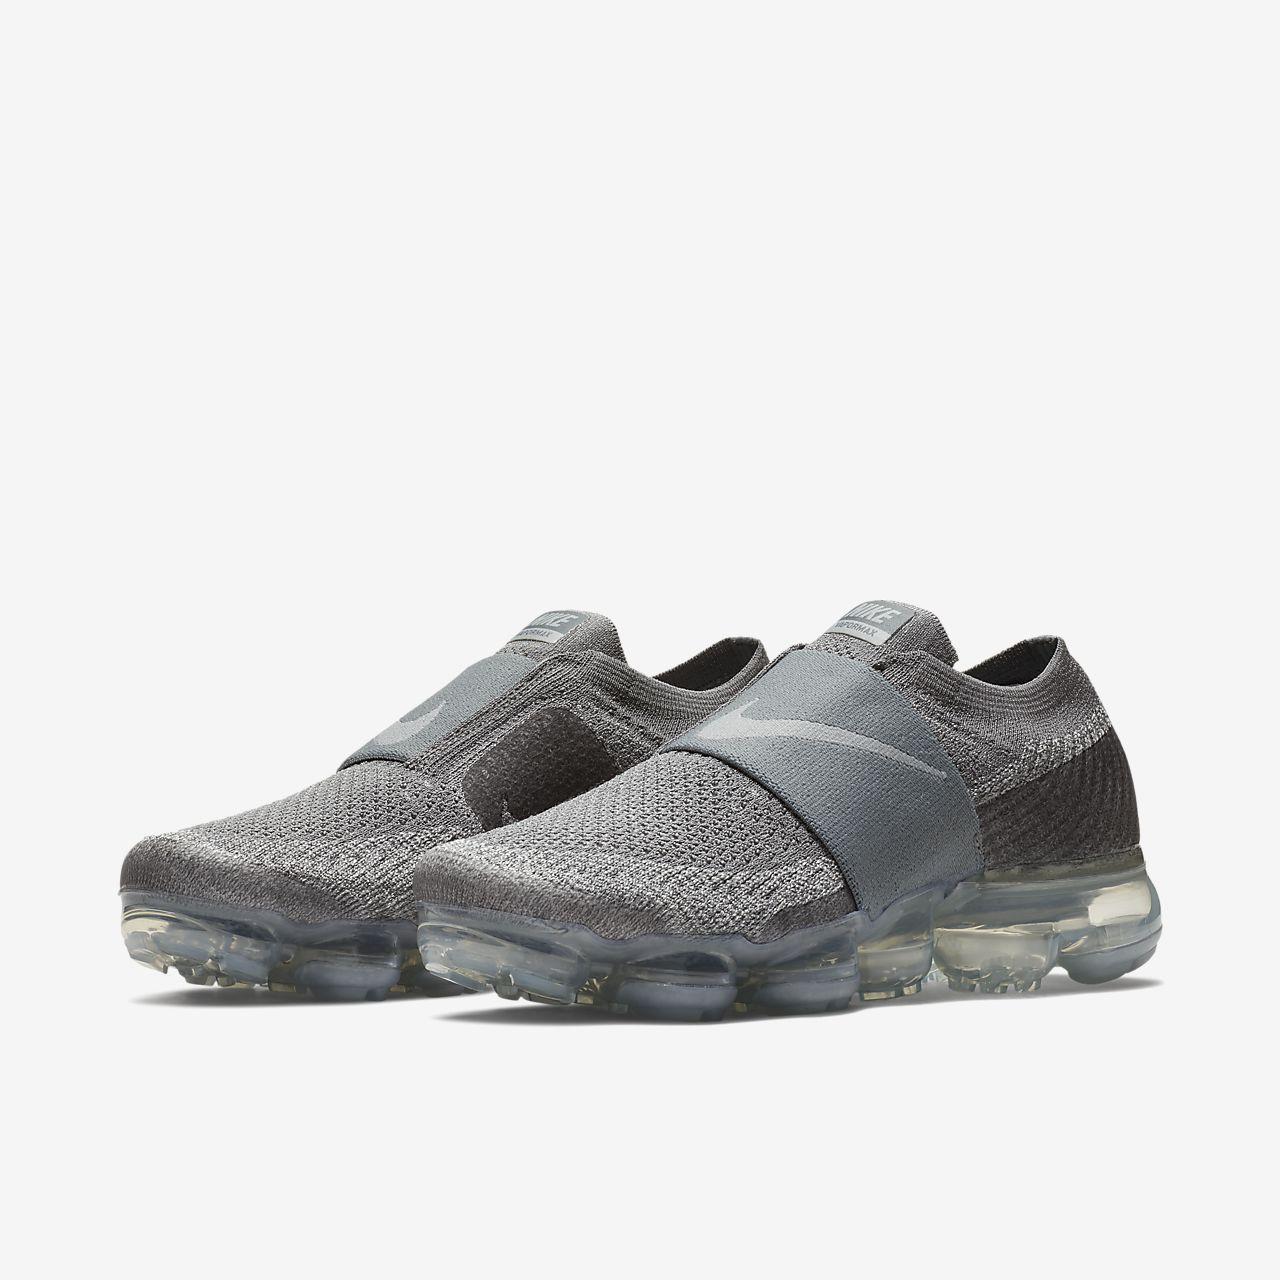 ... nike air vapormax flyknit moc womens running shoe